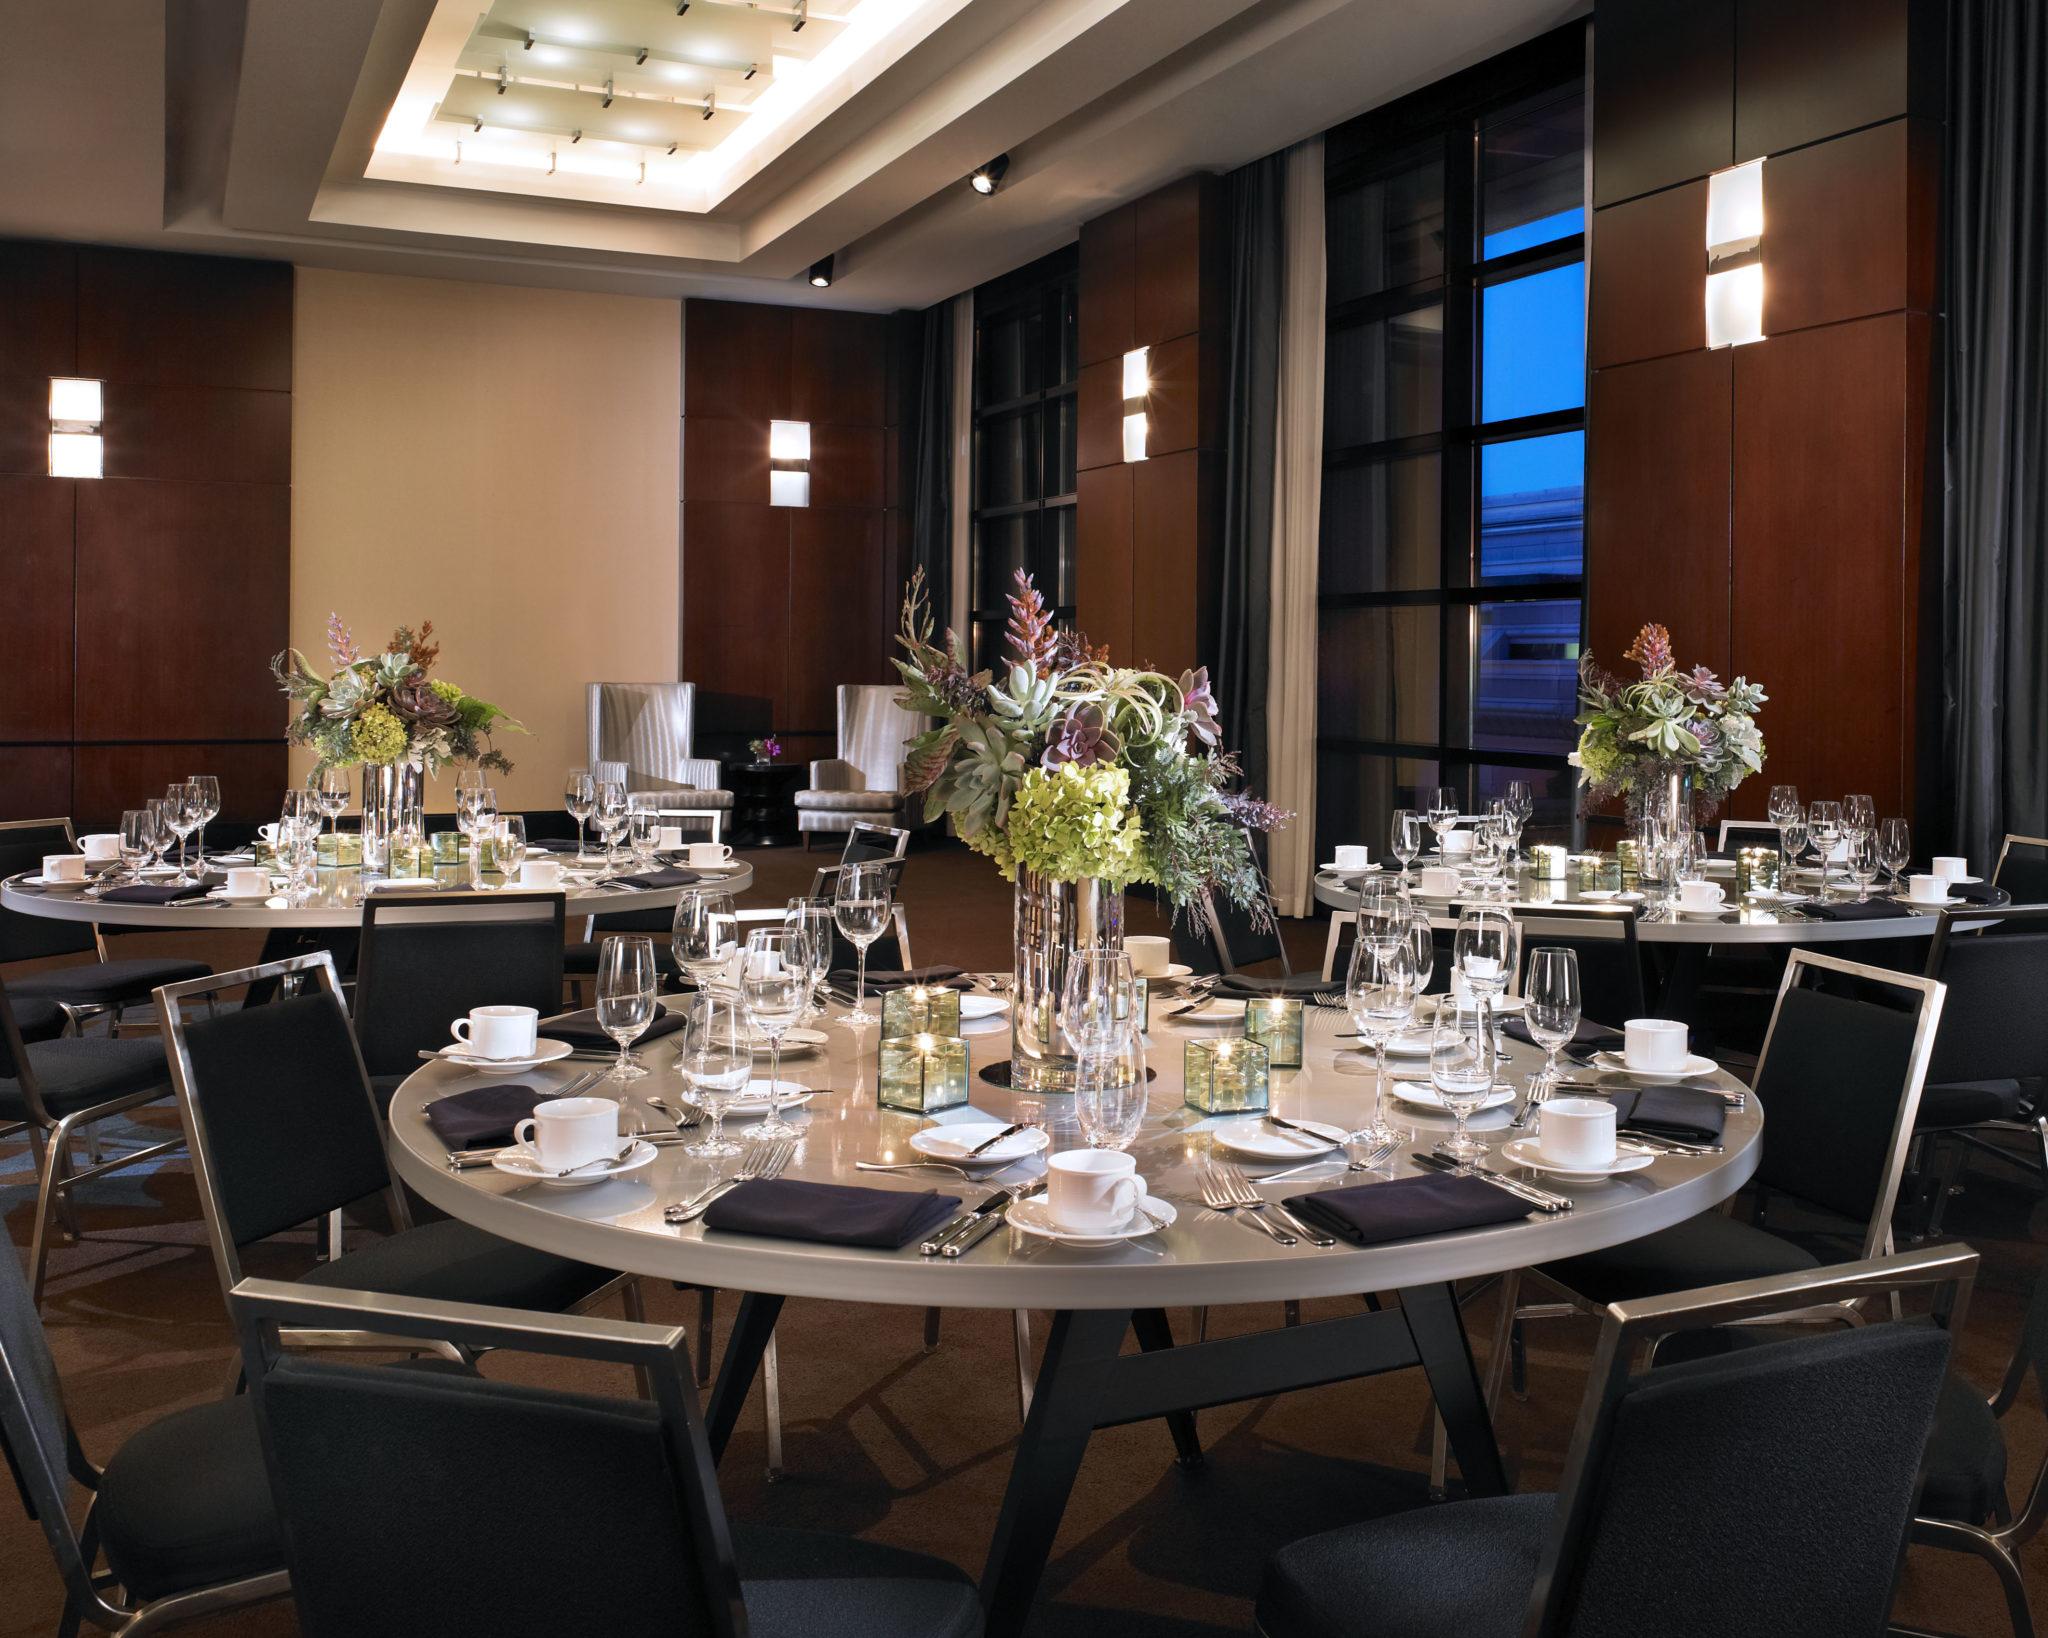 Southern Aluminum Linenless Banquet Rounds